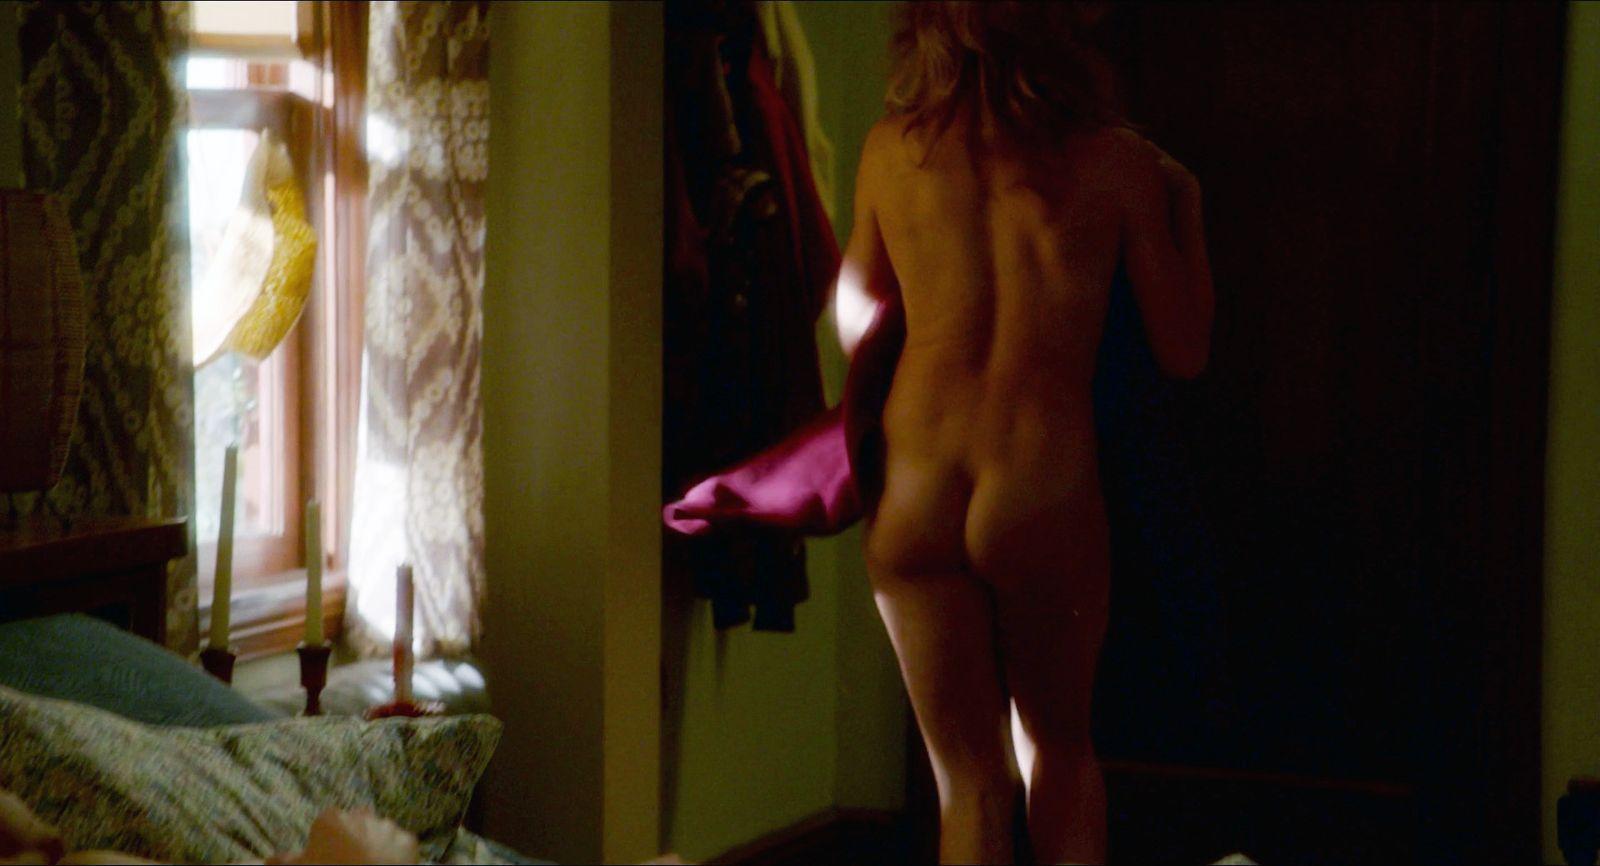 Zoe mclellan ever been nude